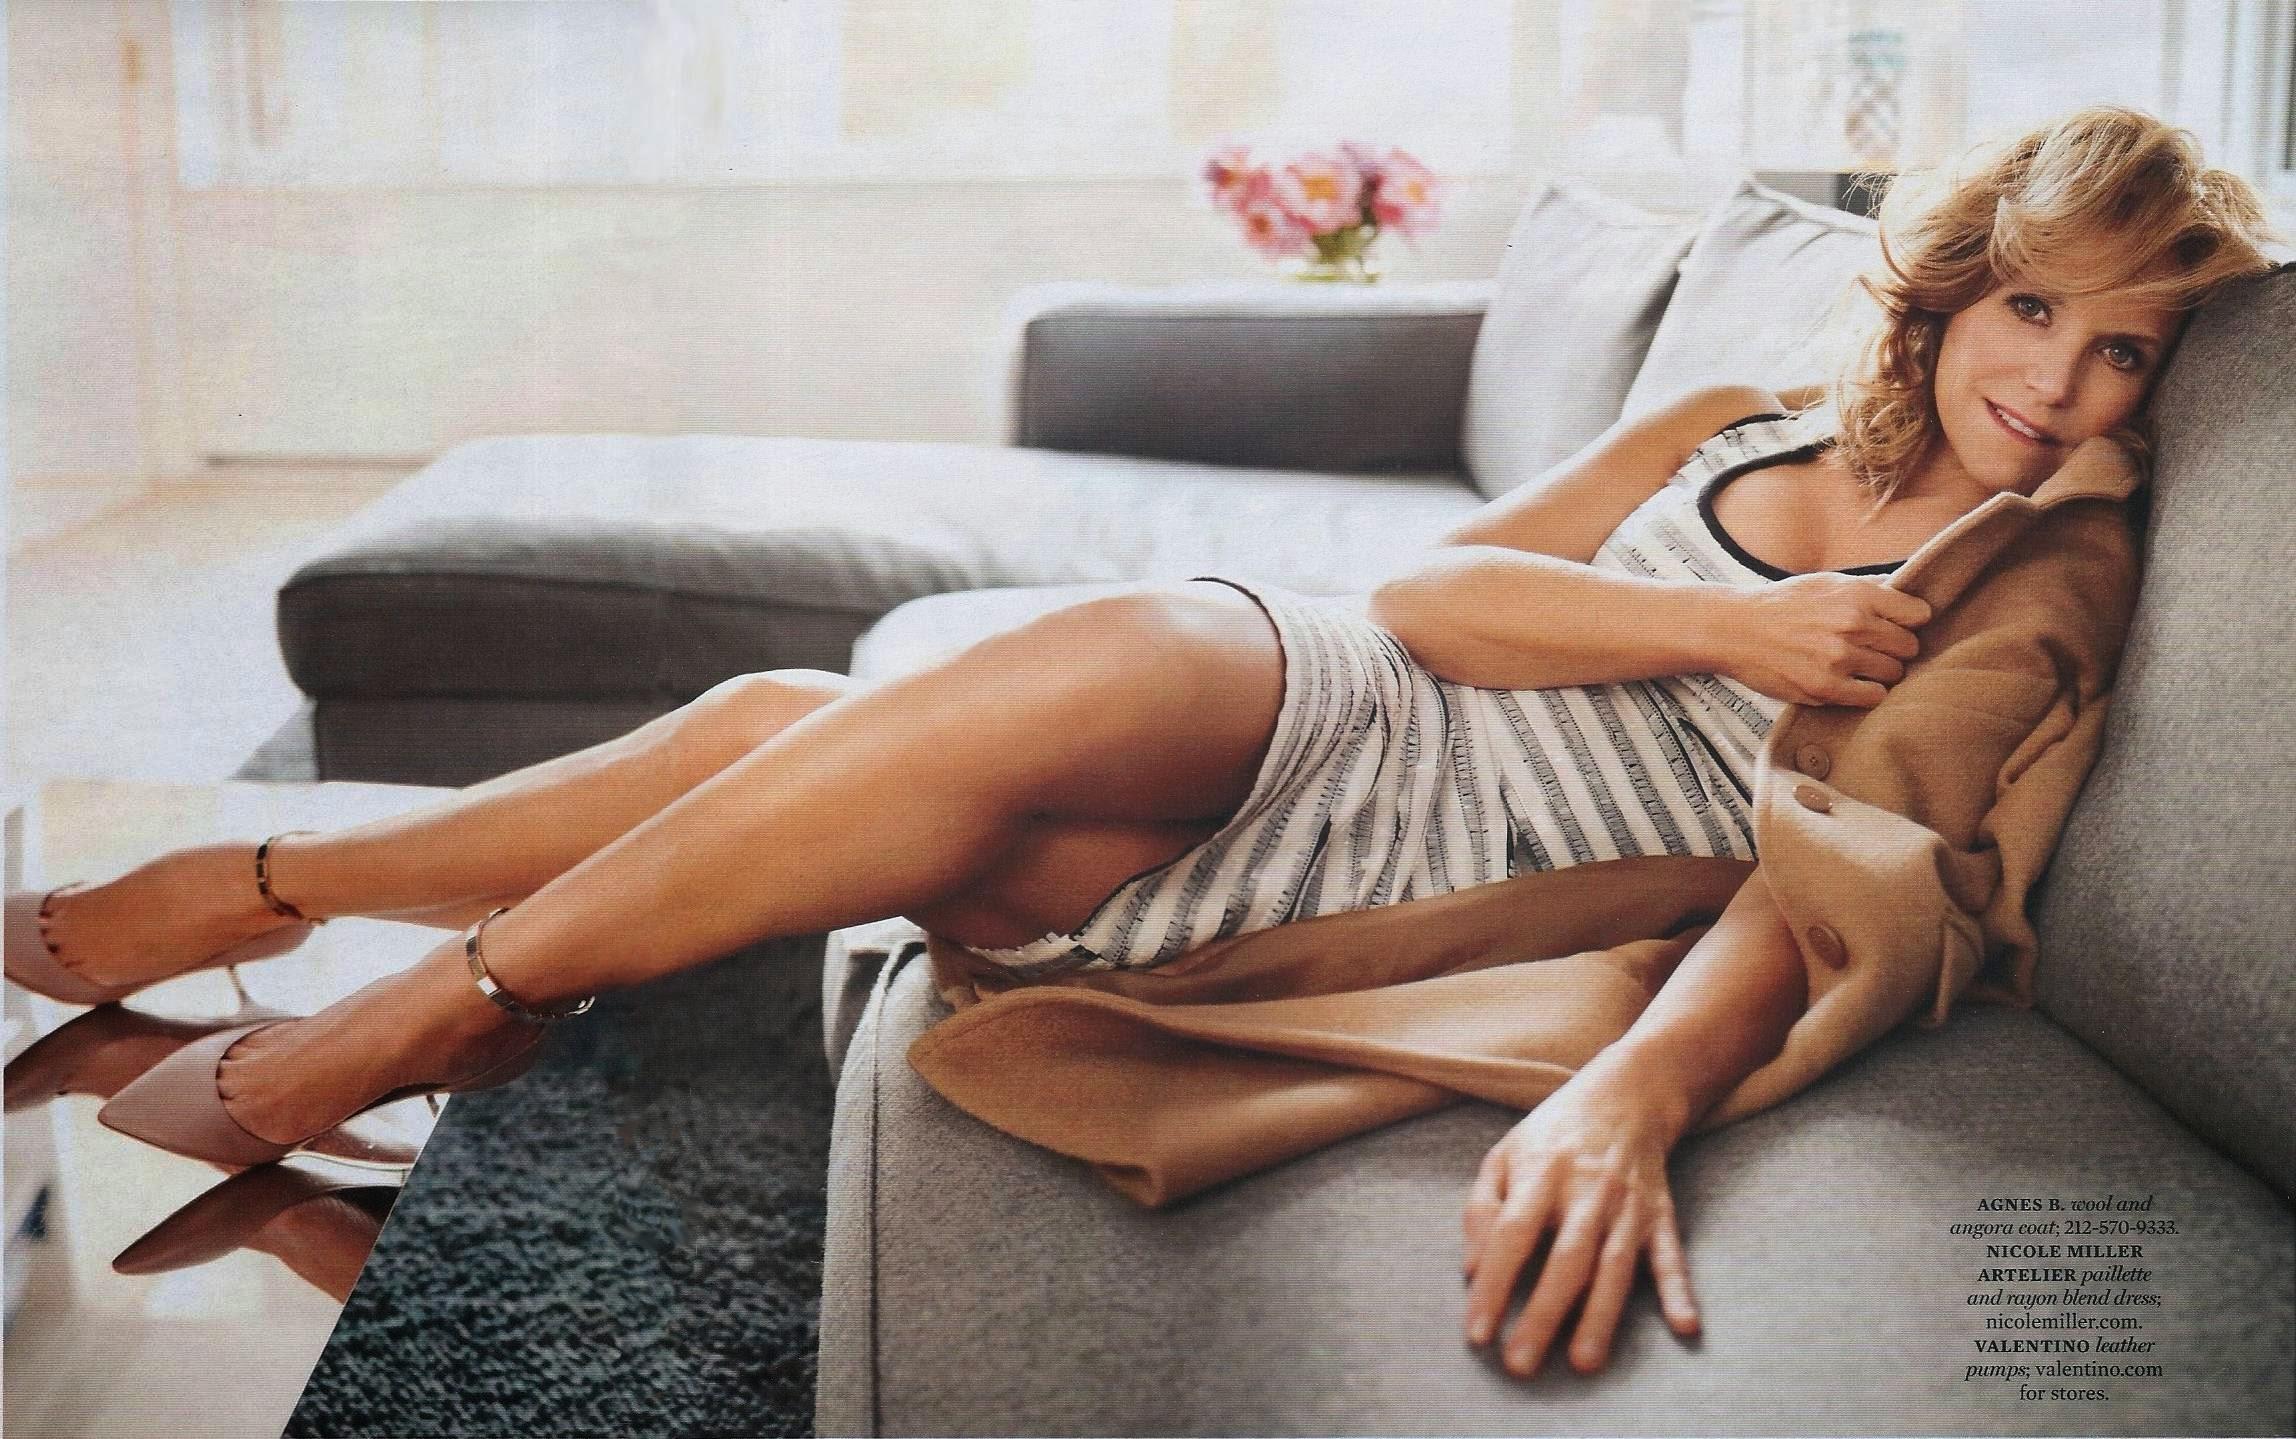 Katie couric having hot sex are mistaken